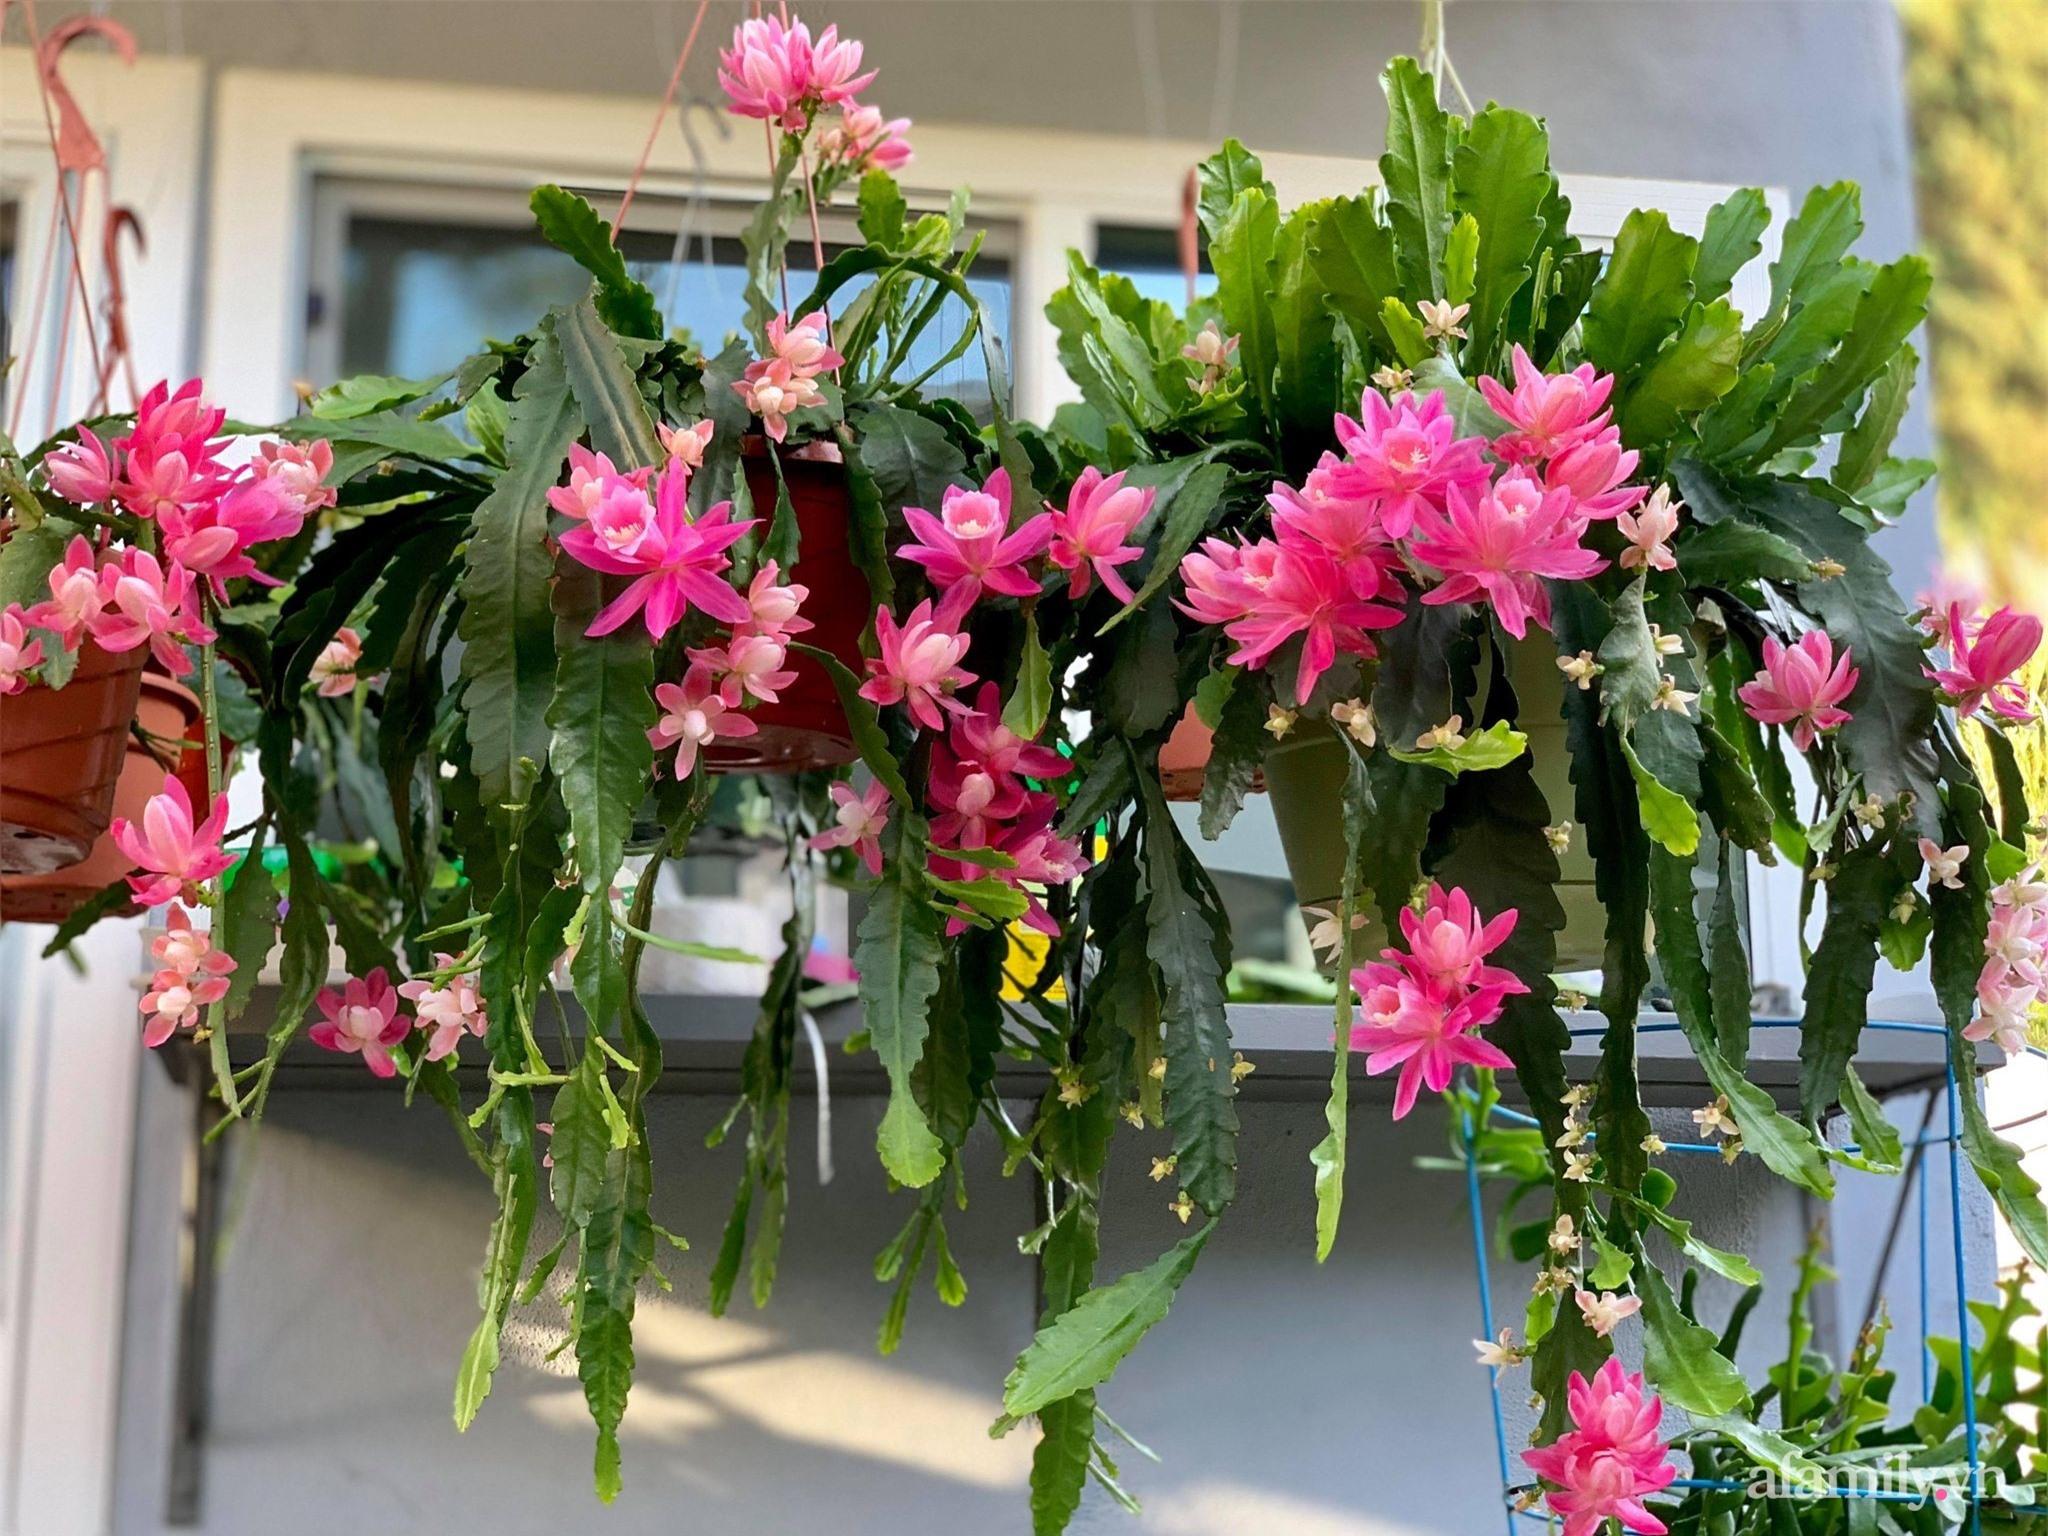 Khu vườn rực rỡ quanh năm với 200 loài quỳnh khoe sắc của mẹ Việt ở Mỹ - Ảnh 5.